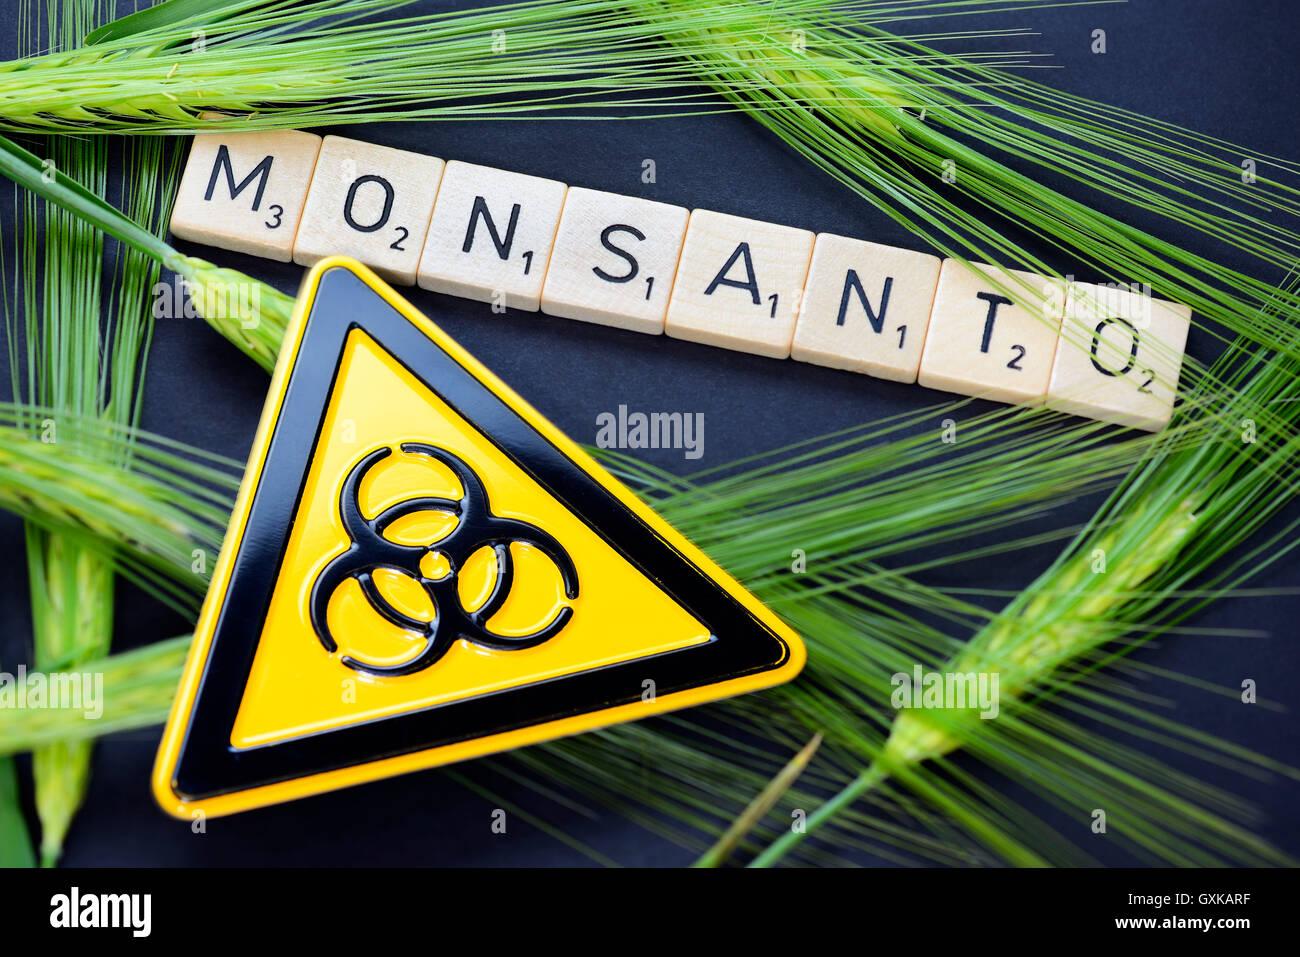 Monsanto-Schriftzug, Getreideähren und Biogefährdungszeichen Stock Photo